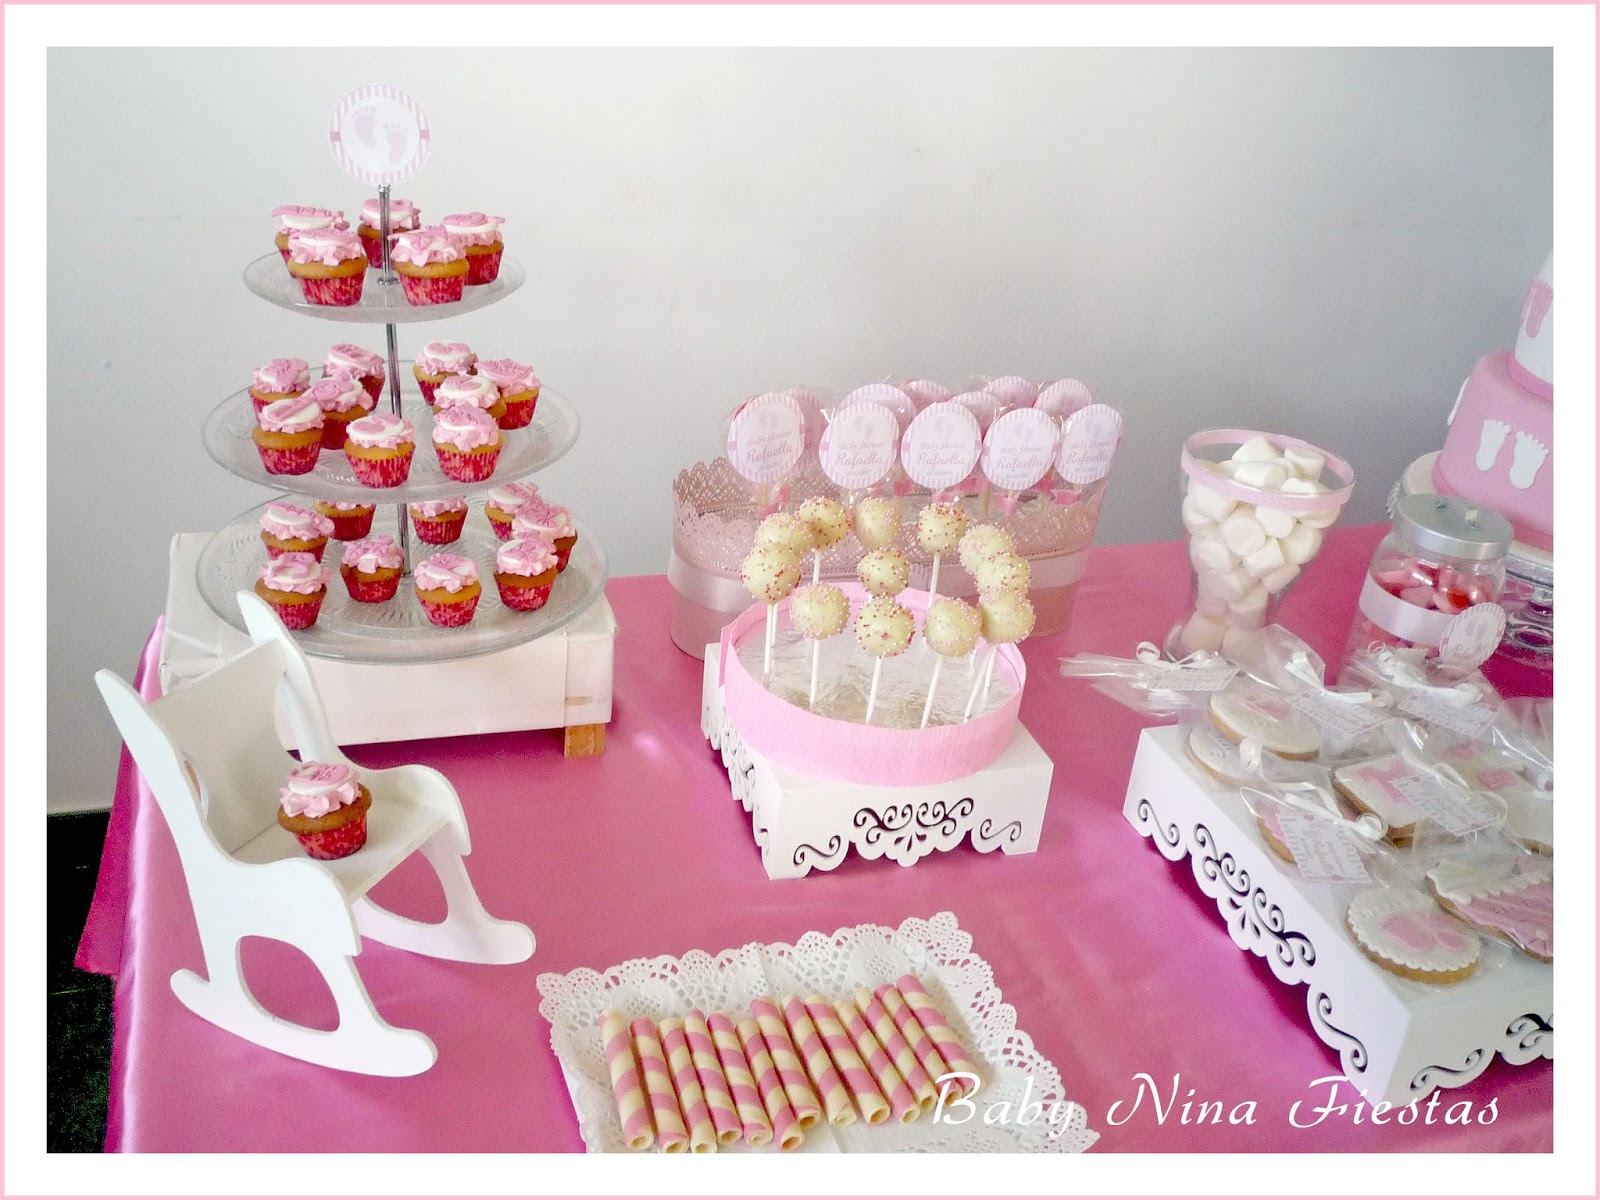 Baby nina fiestas diciembre 2015 for Mesa dulce para baby shower